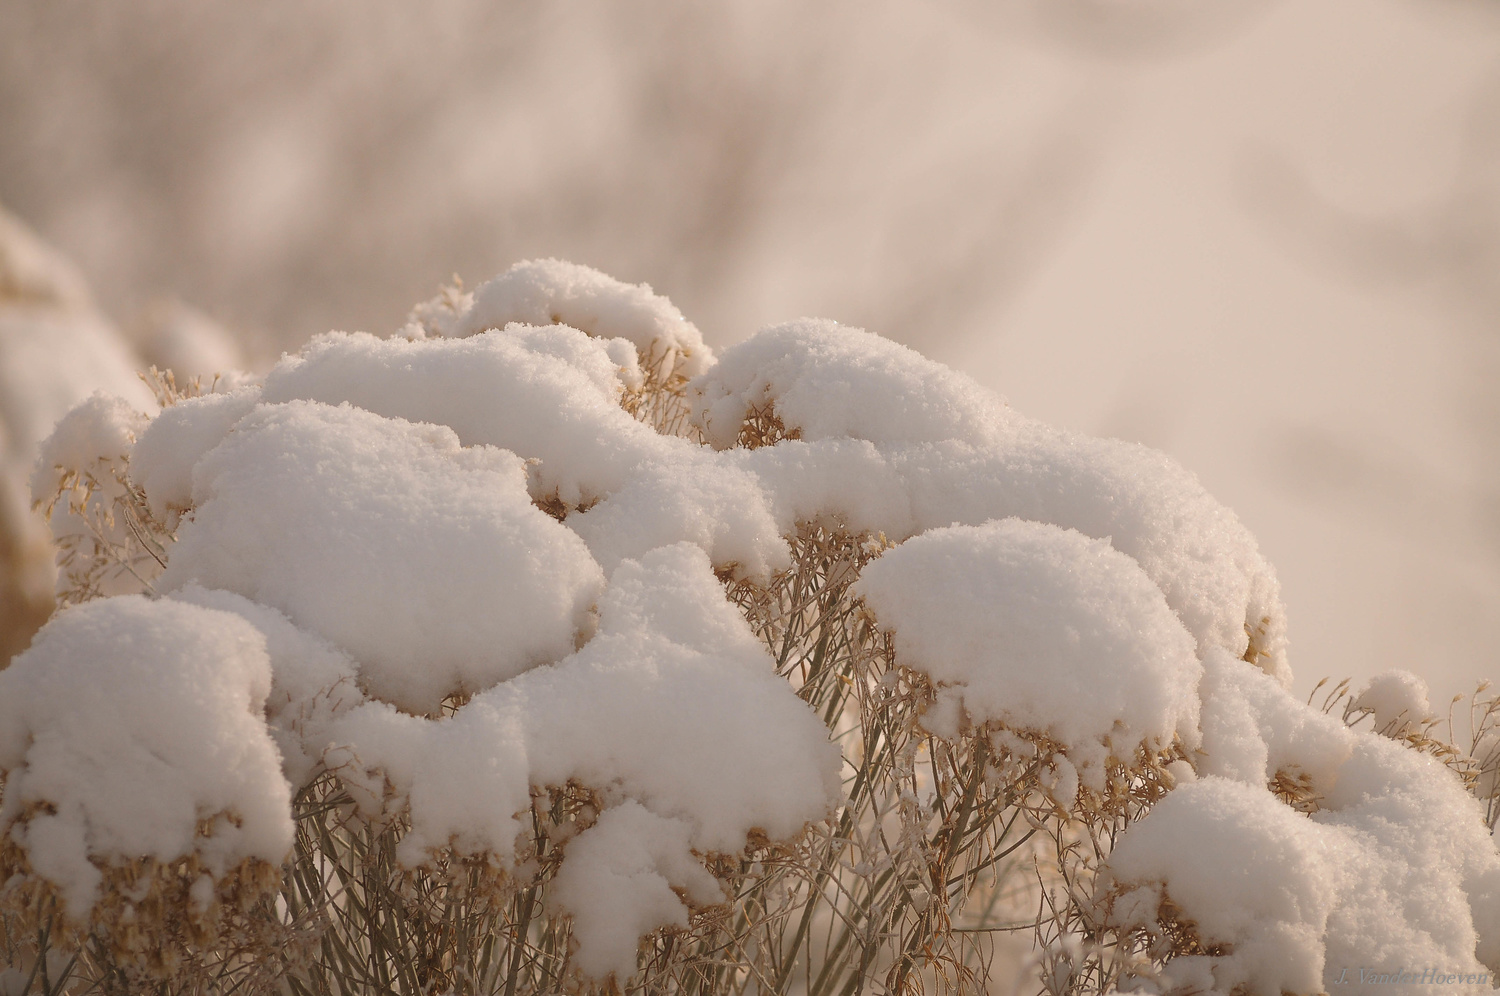 Snow on Sage by Jake VanderHoeven